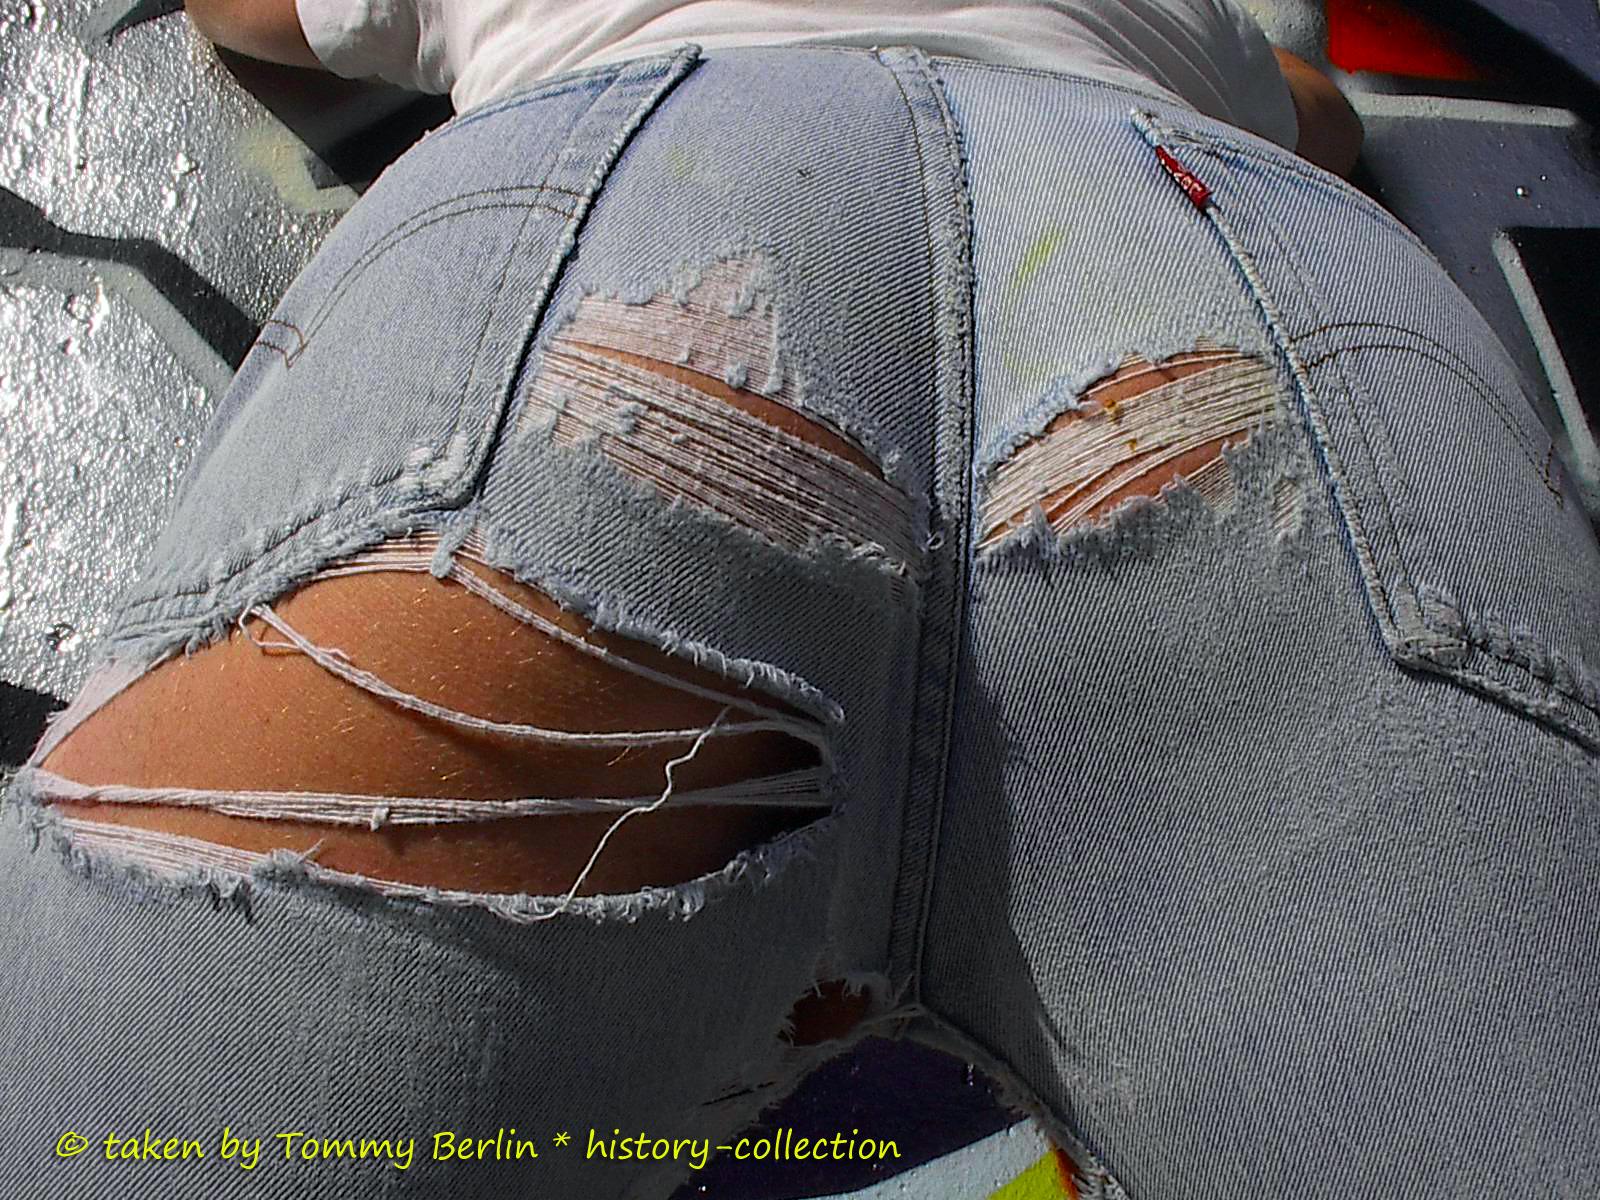 Men Ass Jeans Tire Leather Clothing Cap Material Footwear Textile Butt Automotive Exterior Levis